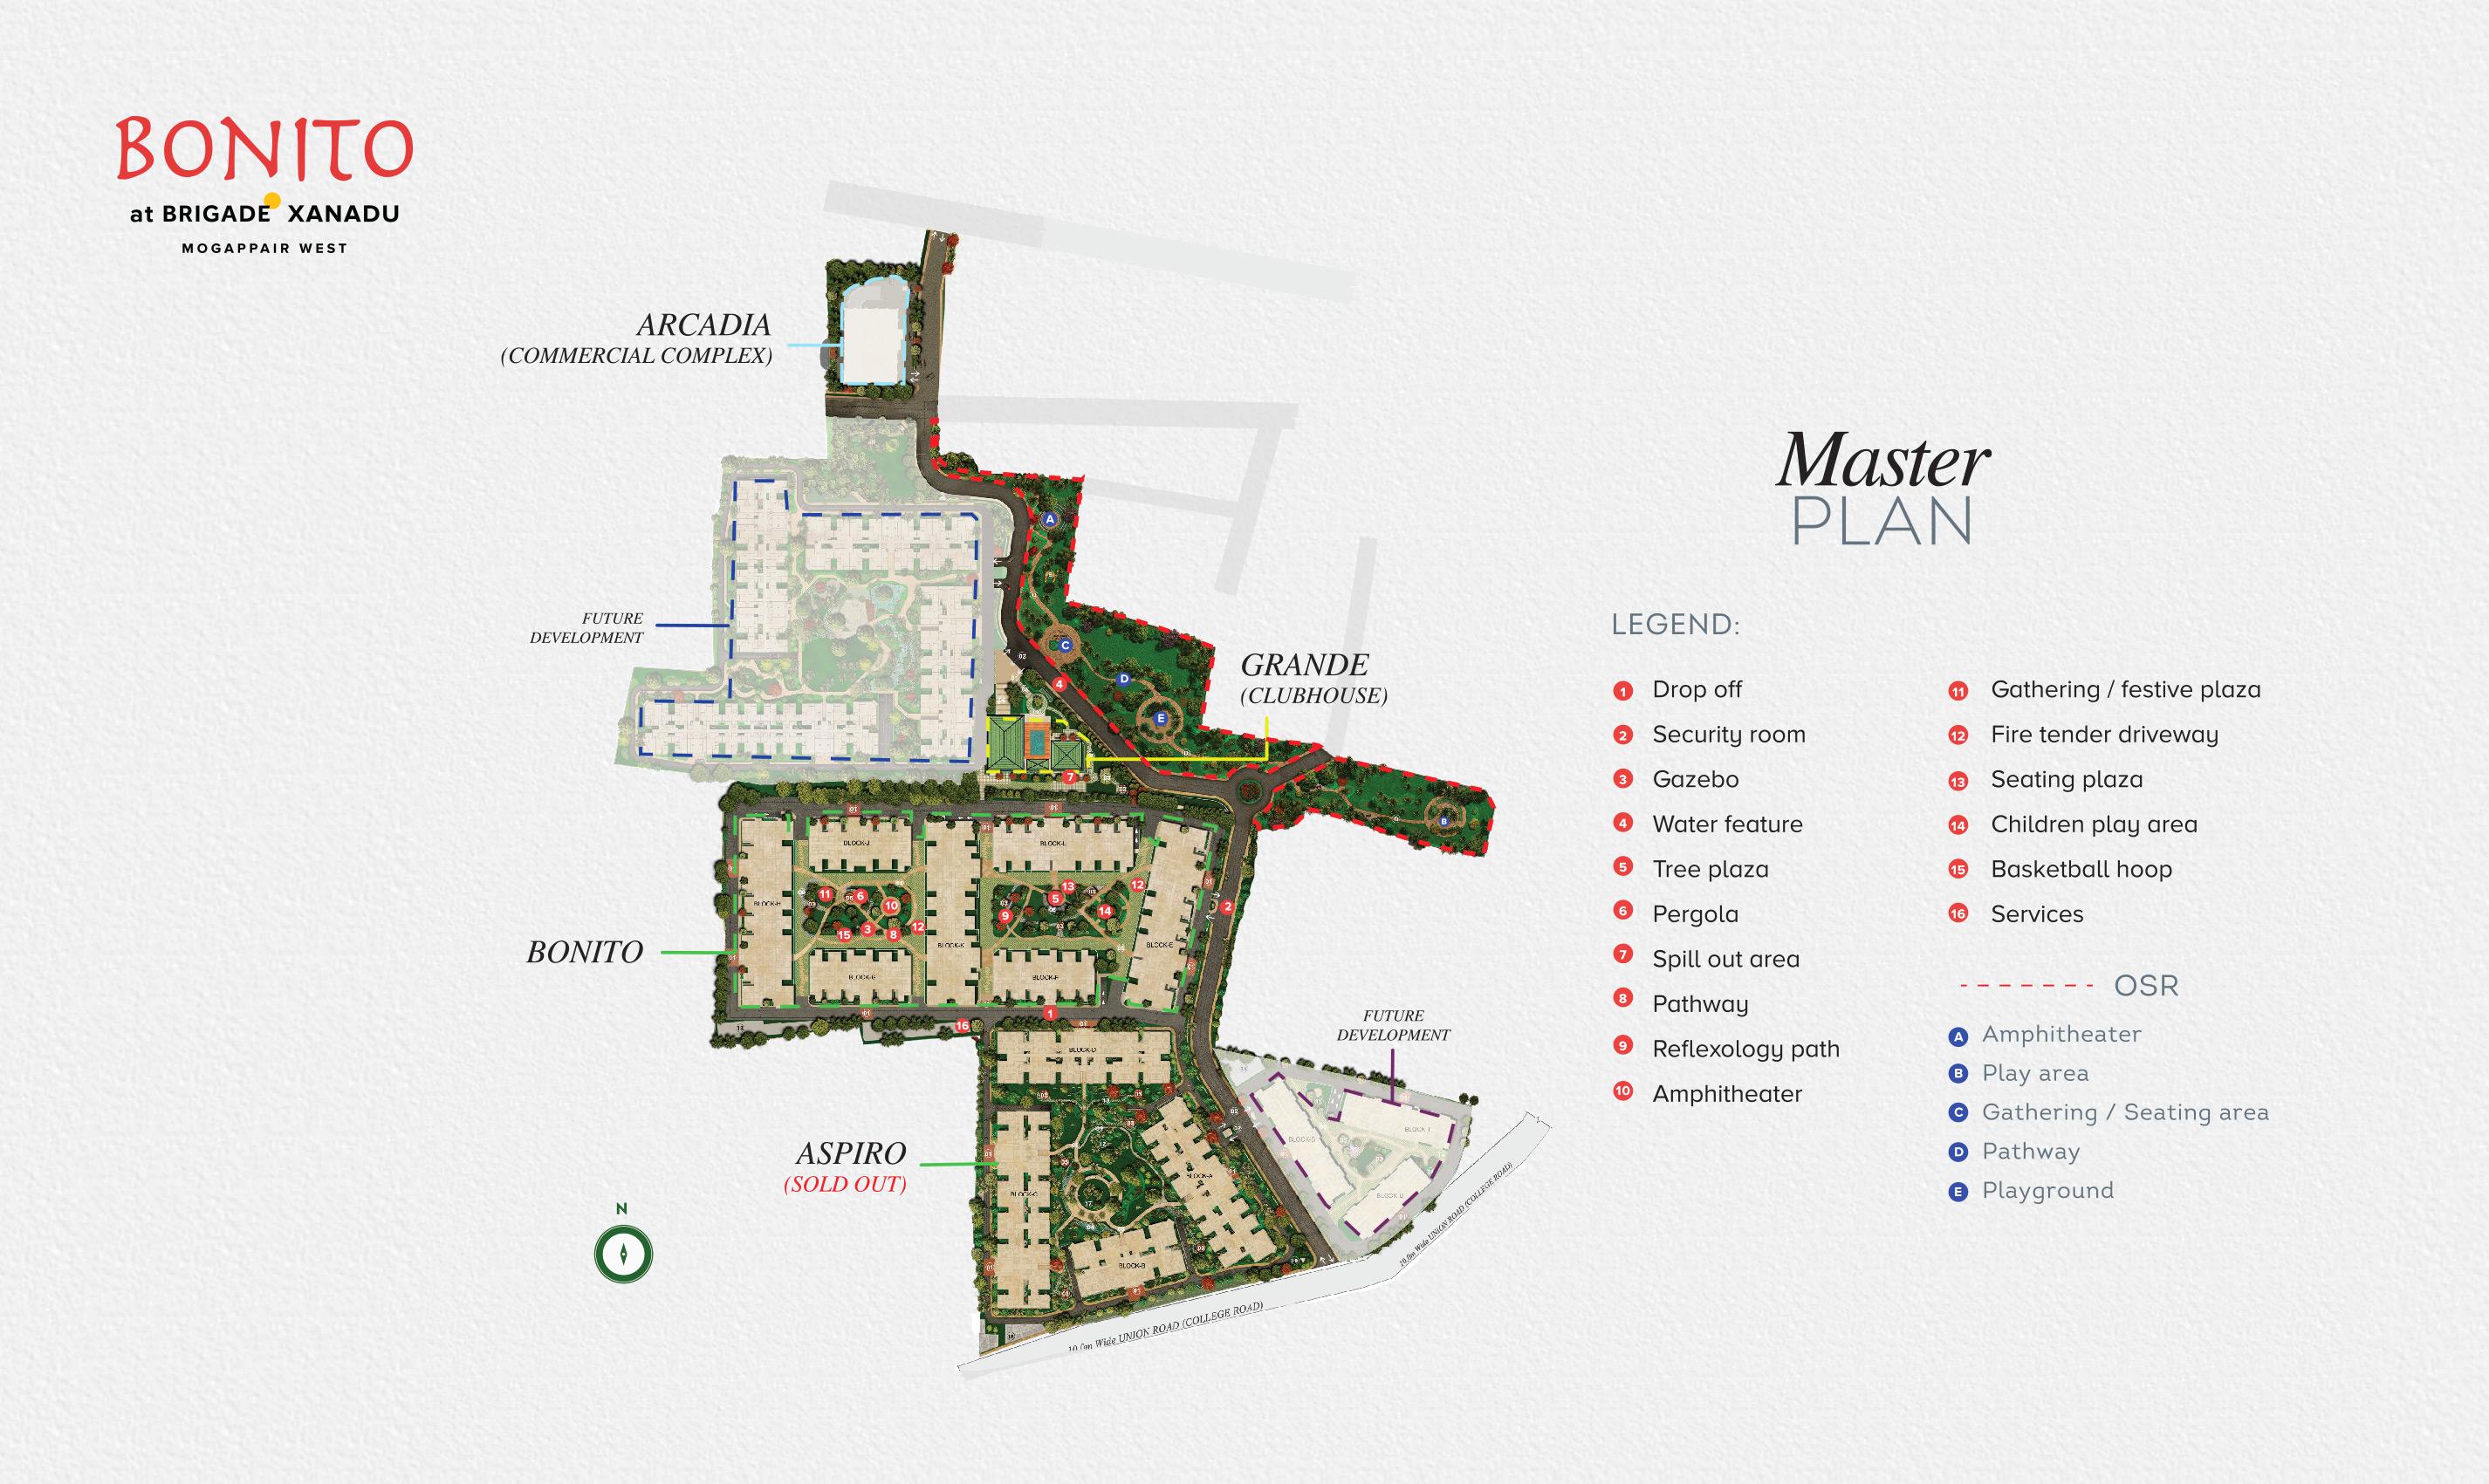 bonito at brigade xanadu project master plan image1